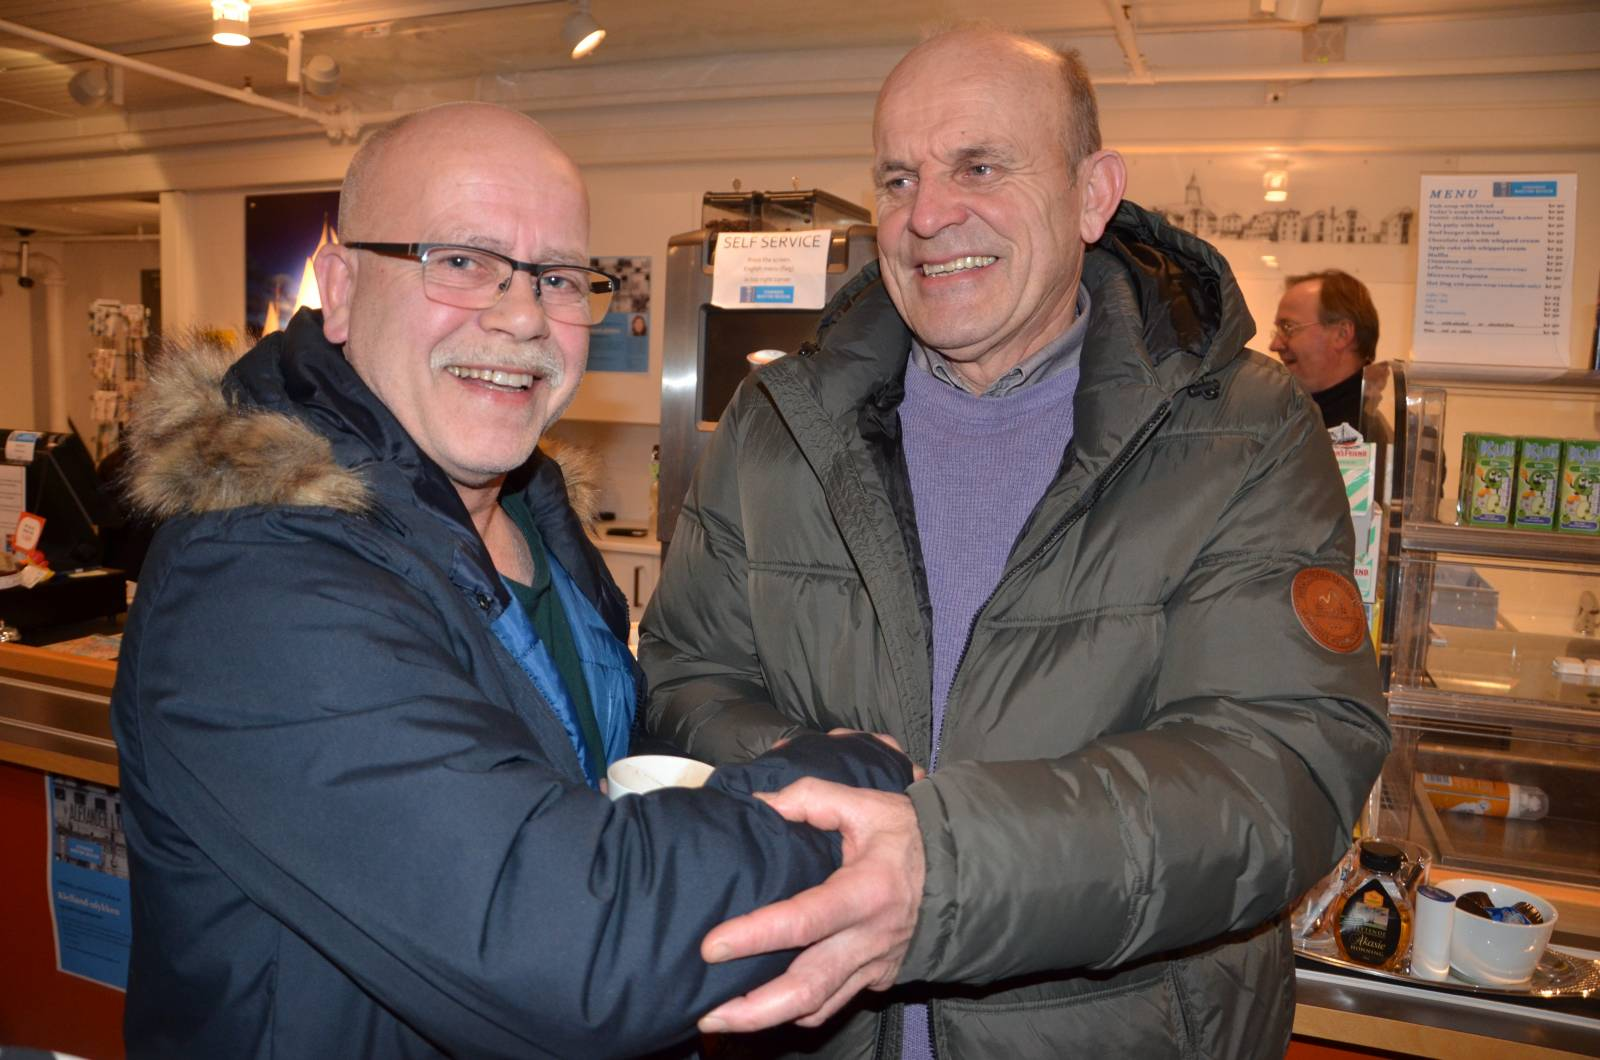 Oddbjørn Lerbrekk fikk endelig takket John Reidar Gard som kastet ut redningsflåter fra Edda. En av dem fikk Lerbrekk tak i. Foto: Mette Møllerop